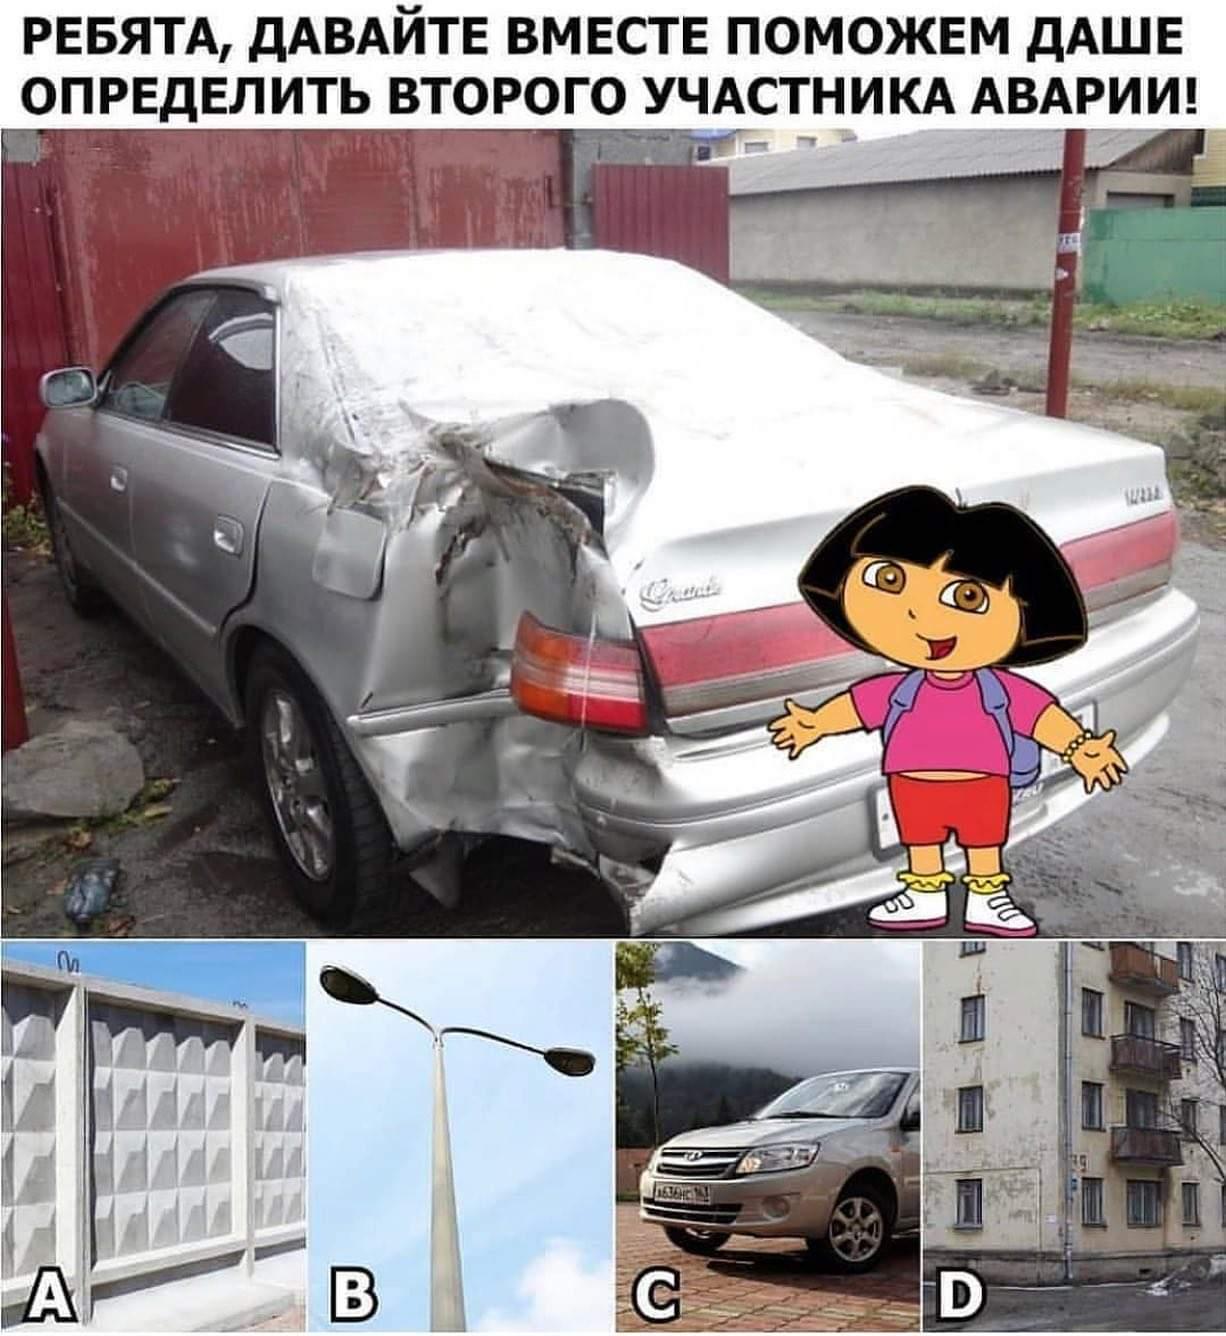 FB_IMG_1575233987351.jpg